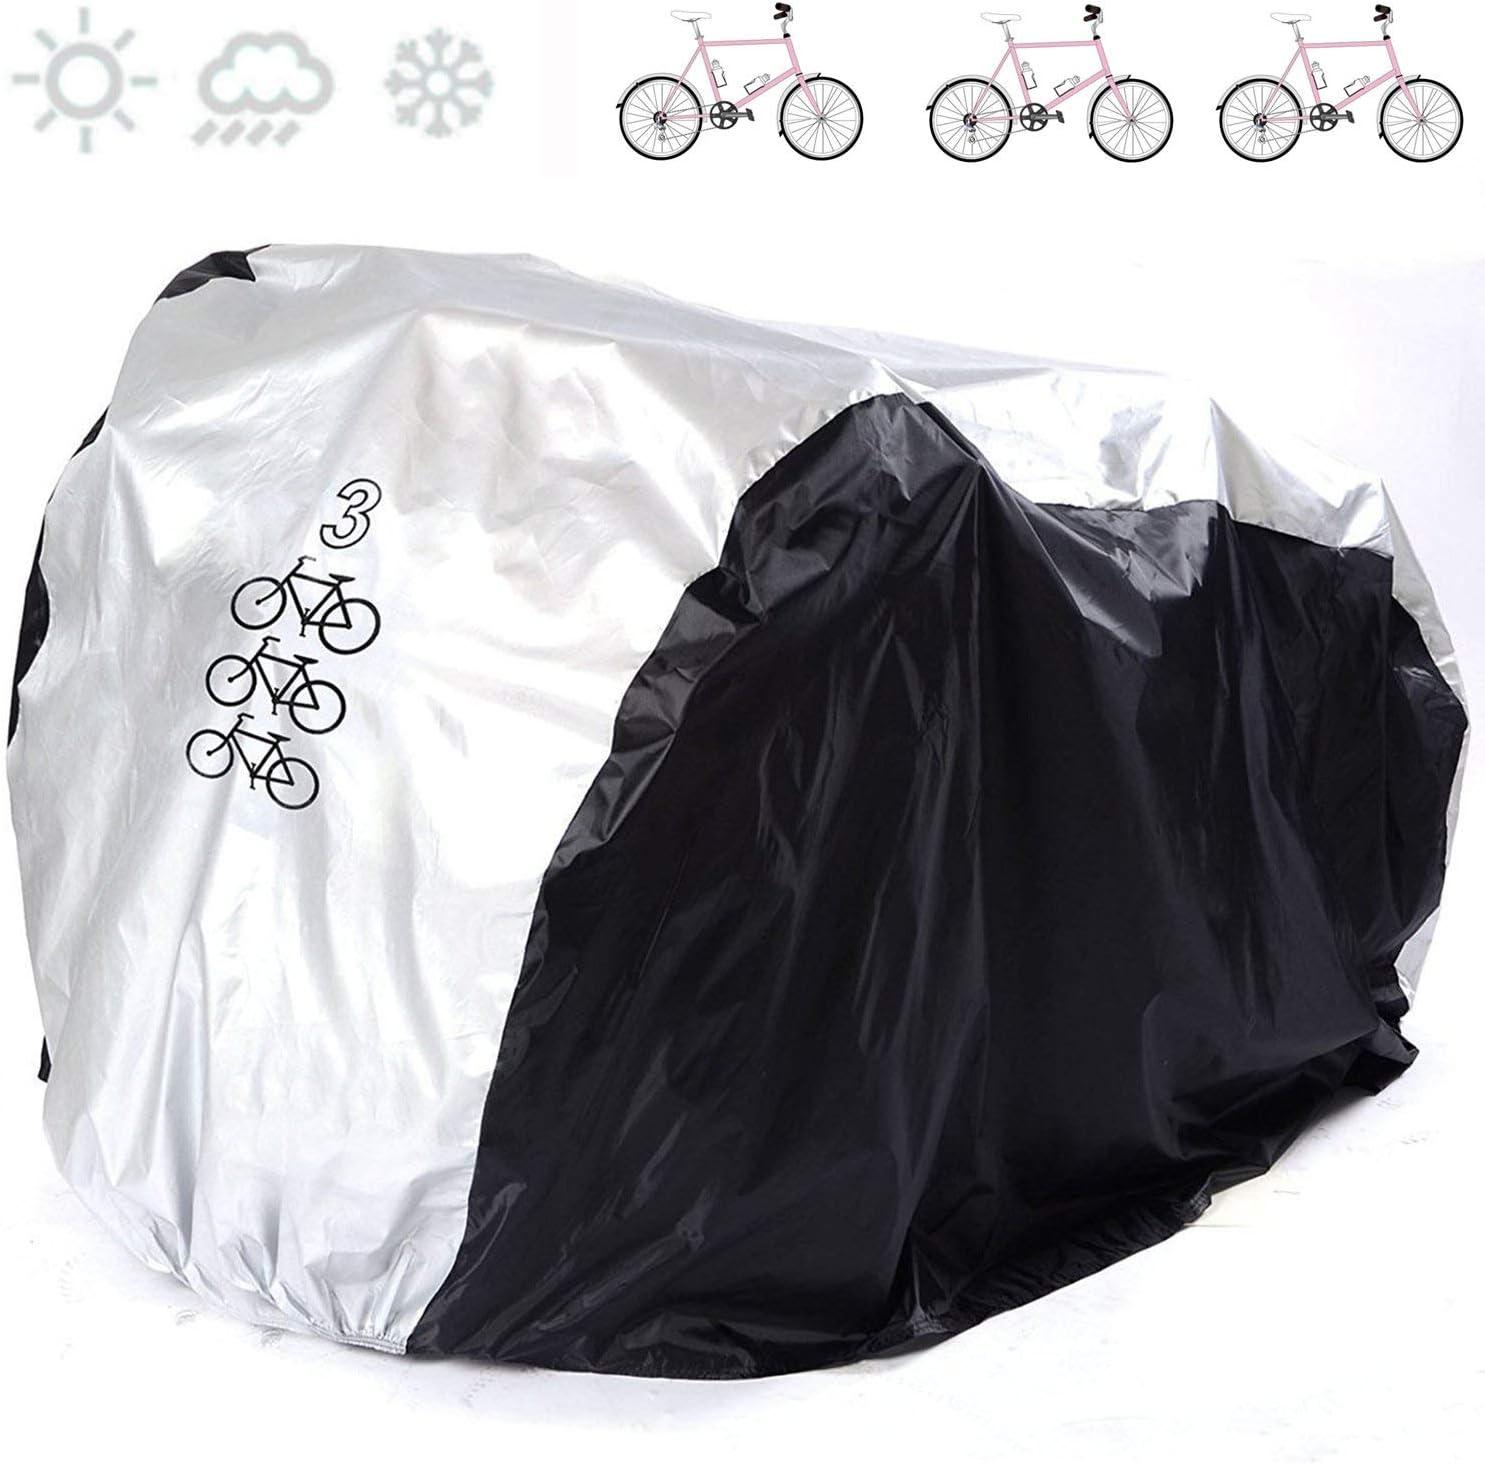 Anftop Fahrradabdeckung Für 3 Fahrräder Wasserdicht Fahrradschutzhülle Wasserfest Fahrrad Schutzhülle Fahrradschutz Indoor Outdoor Abdeckung Fahrradabdeckungen Nylon Cover 200x105x110cm Hülle Sport Freizeit